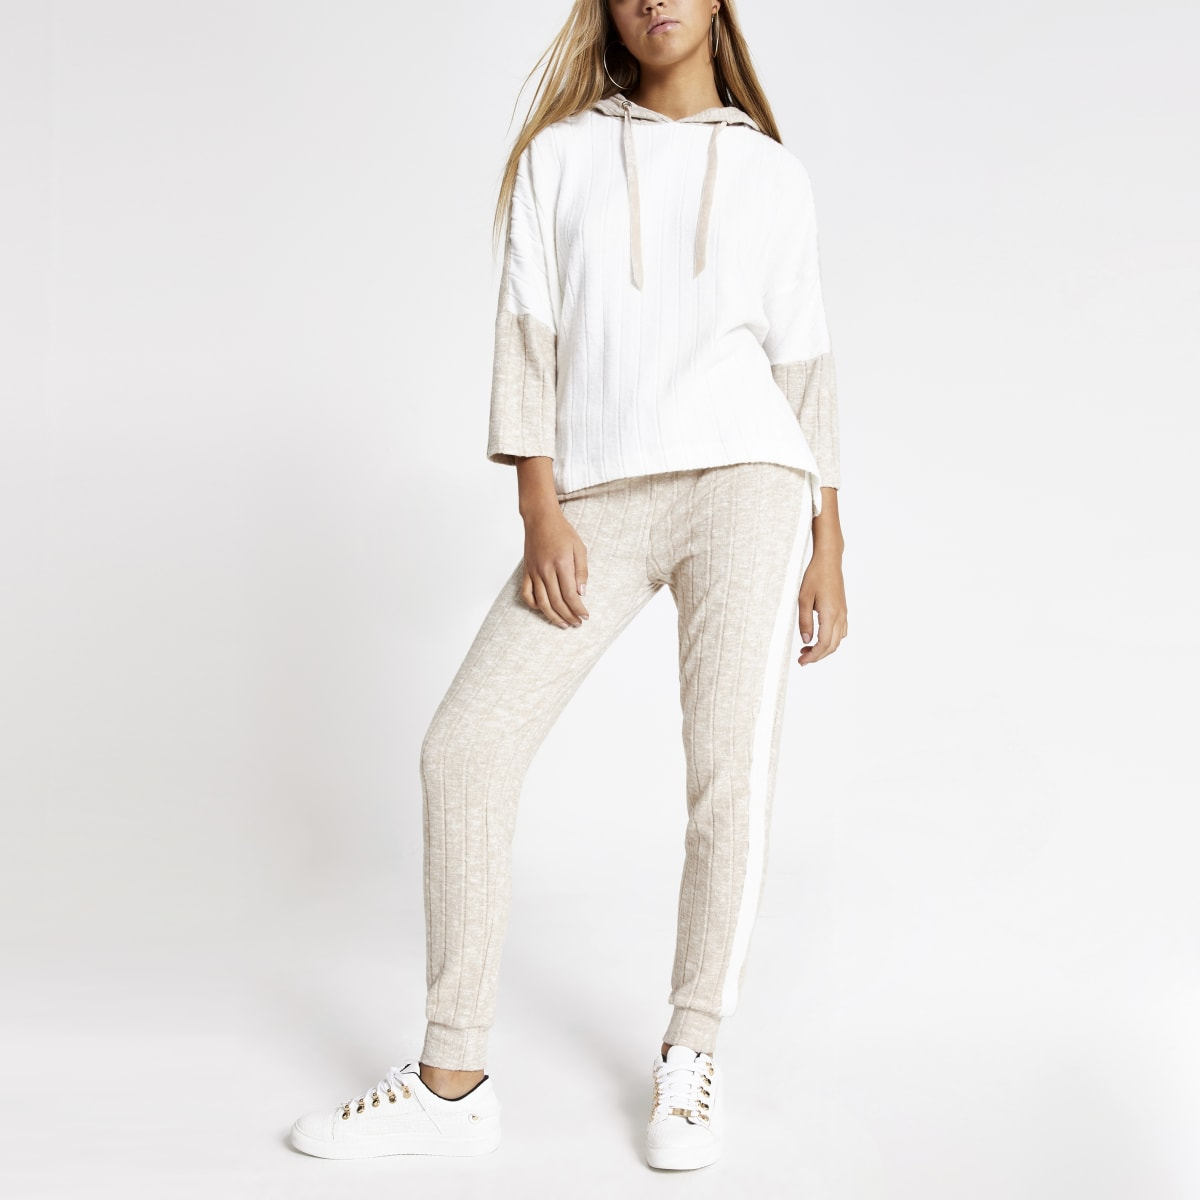 Pantalon de jogging côtelé crème